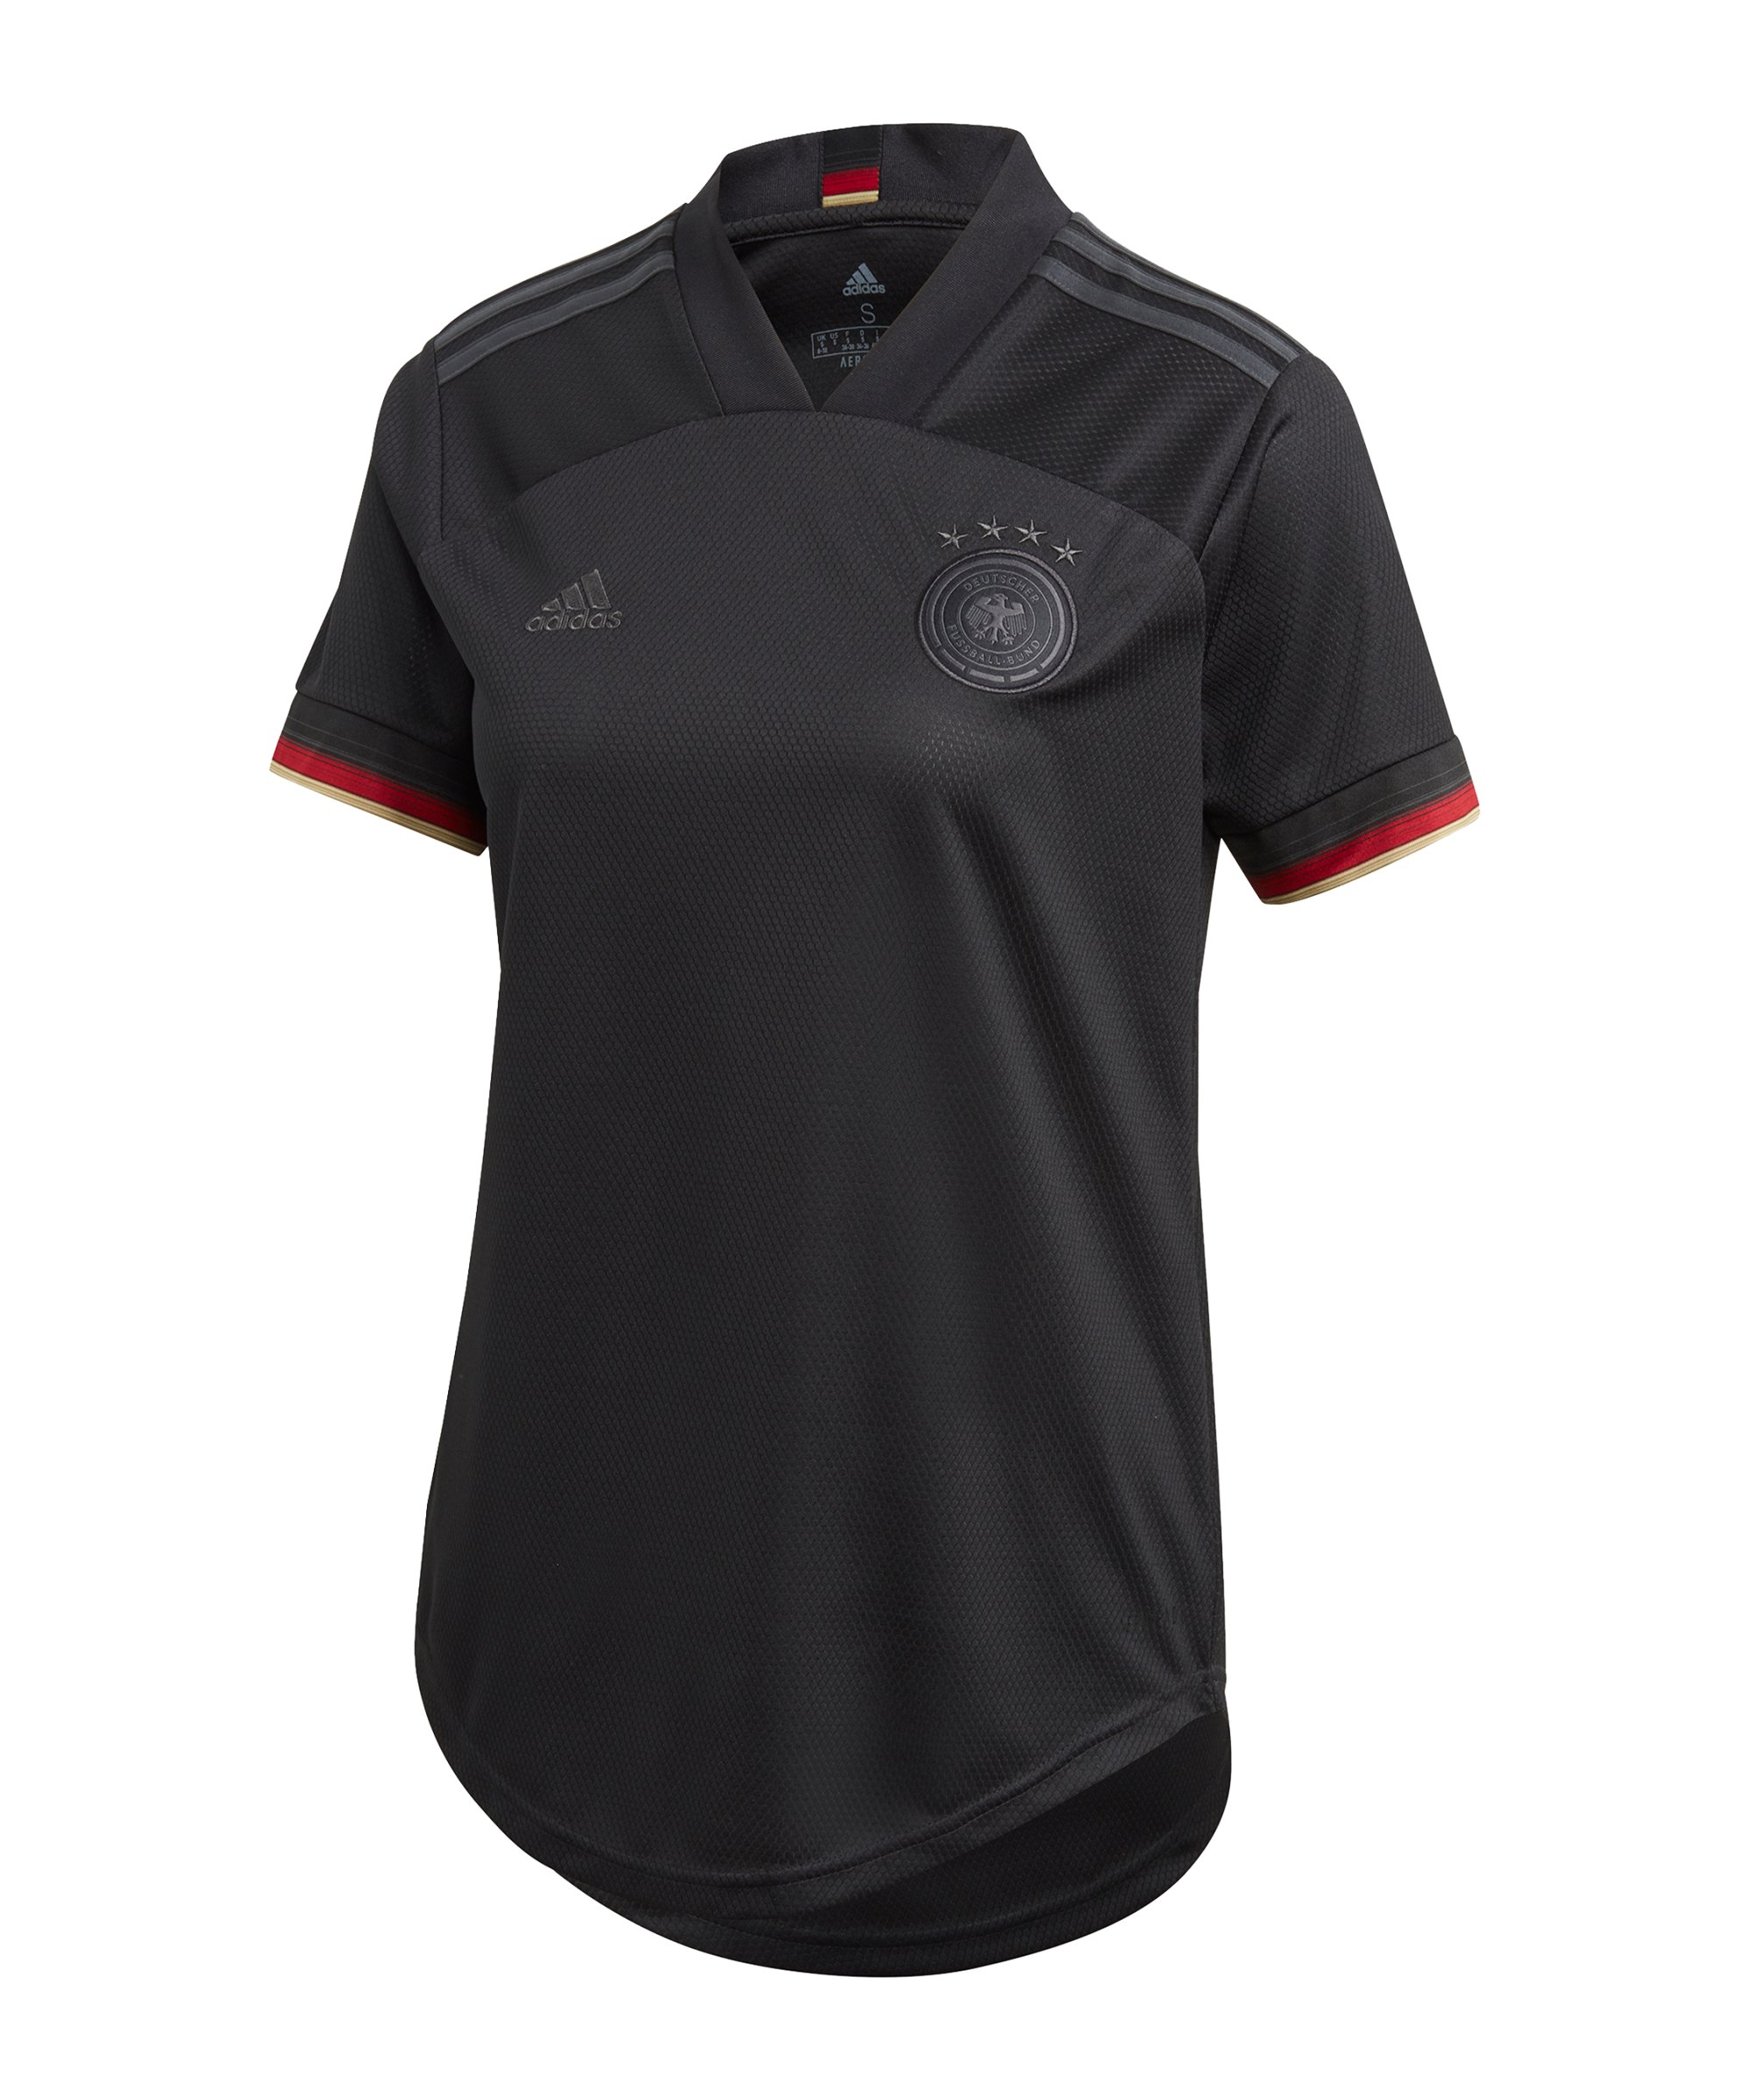 adidas DFB Deutschland Trikot Away EM 2020 Damen Schwarz - schwarz